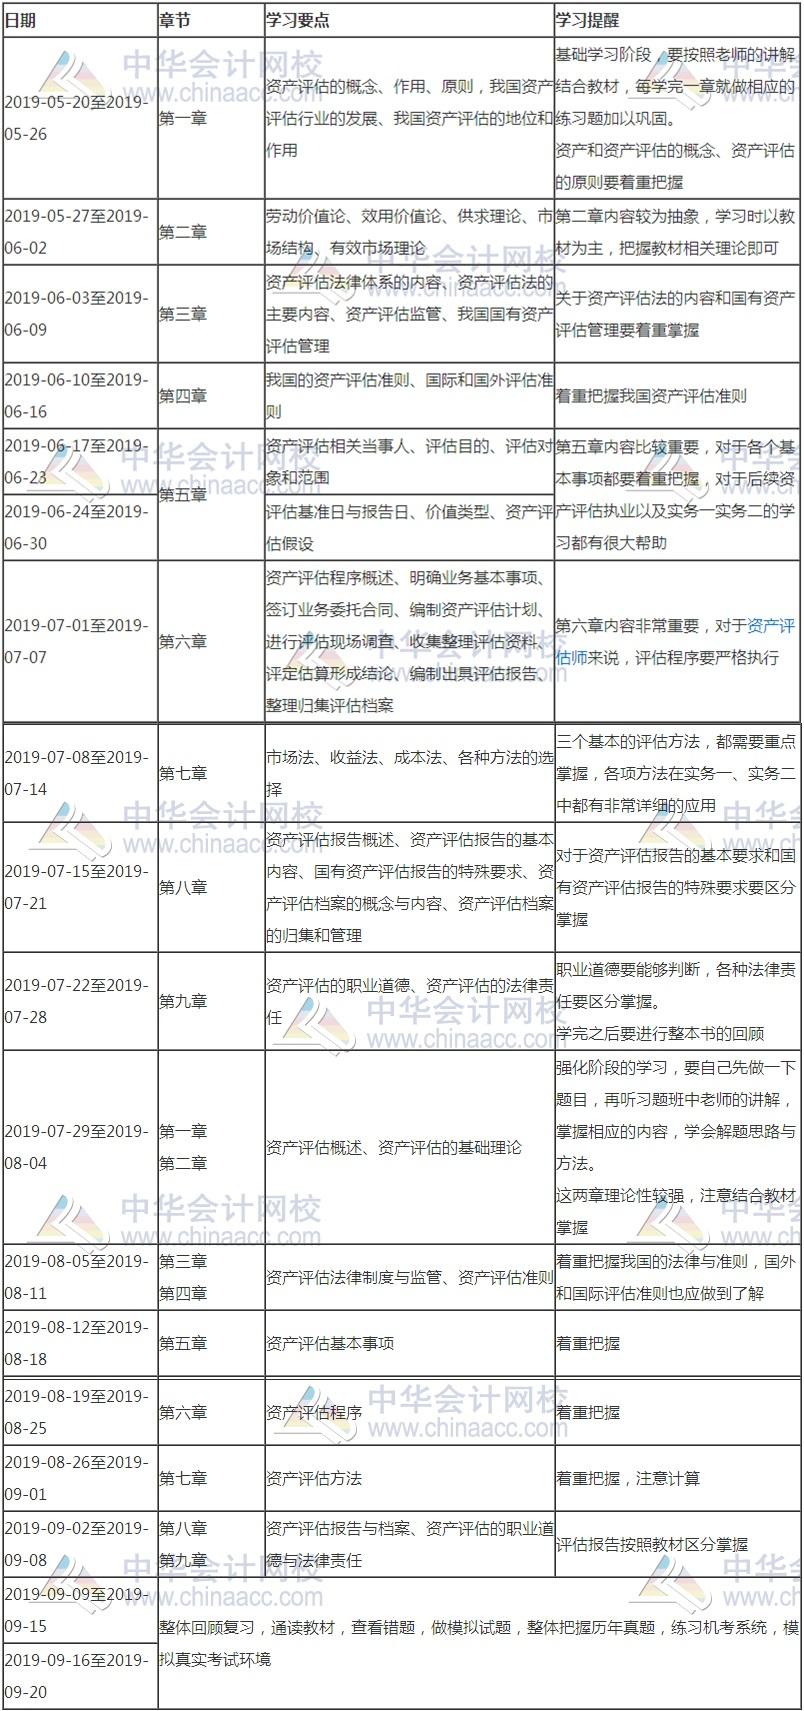 2019年资产评估排行_2019年广州资产评估机构百家排行年度变化